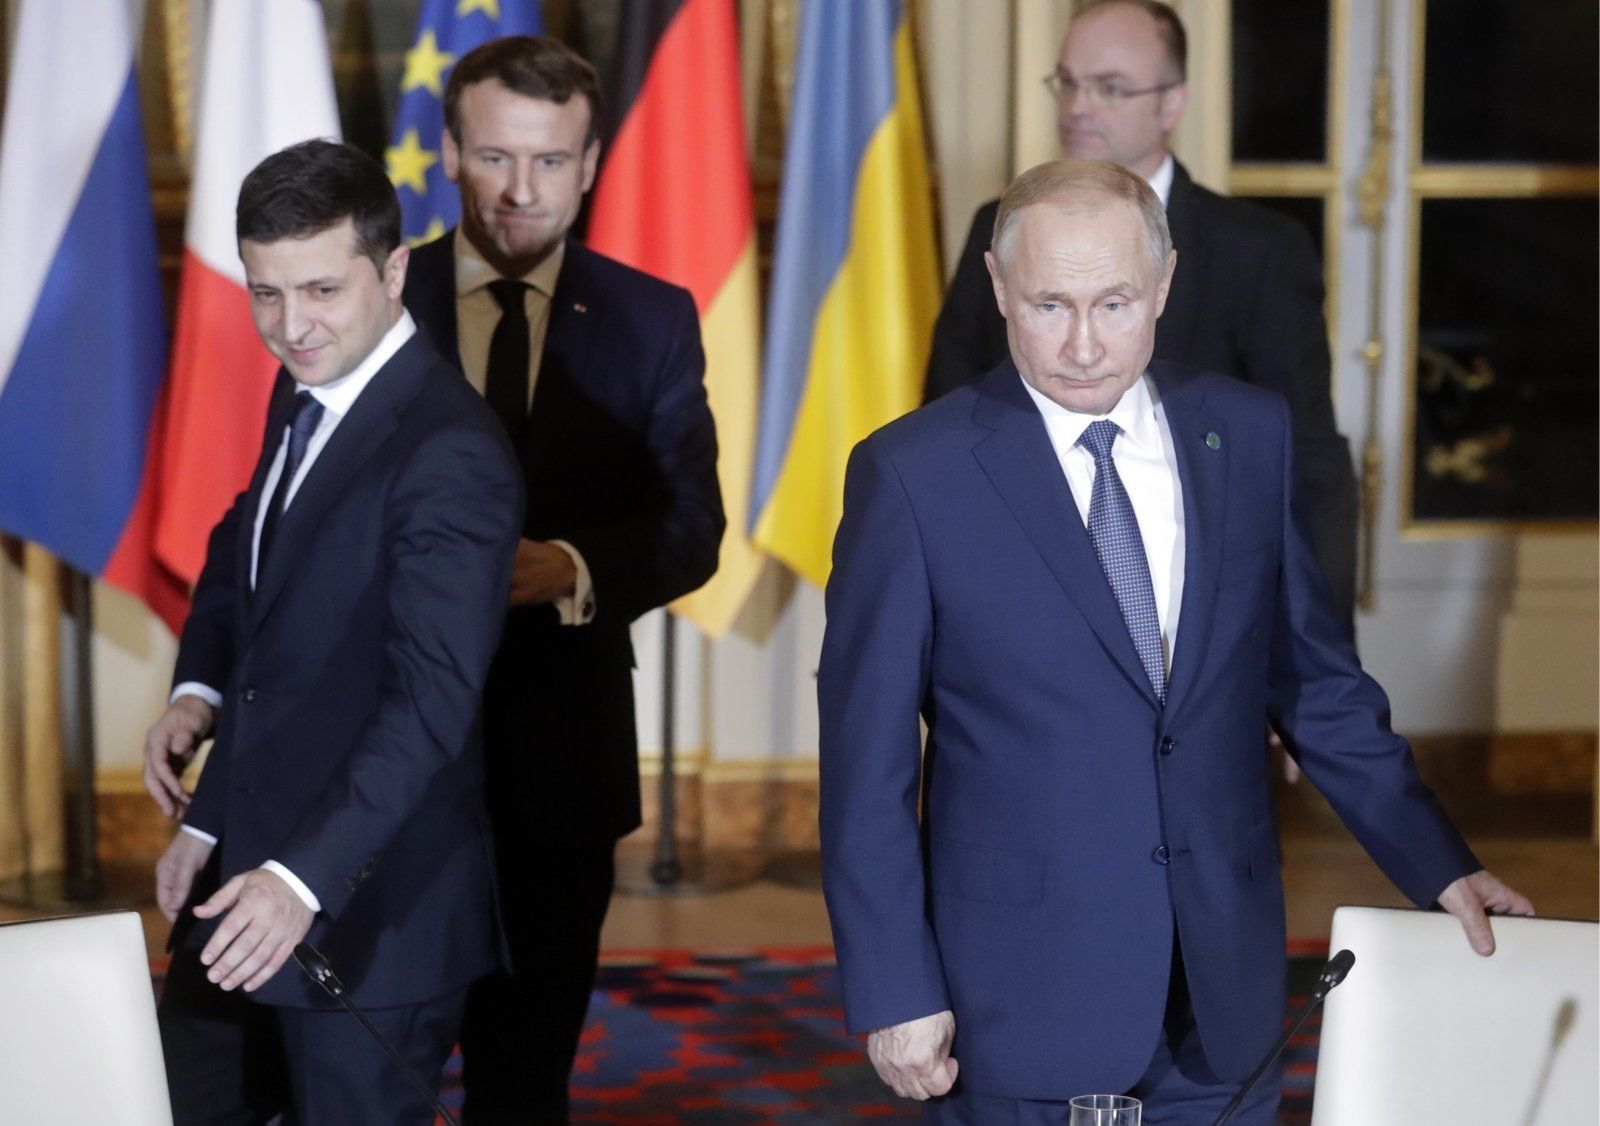 Зеленскому нет смысла встречаться с Путиным: российский журналист озвучил причину